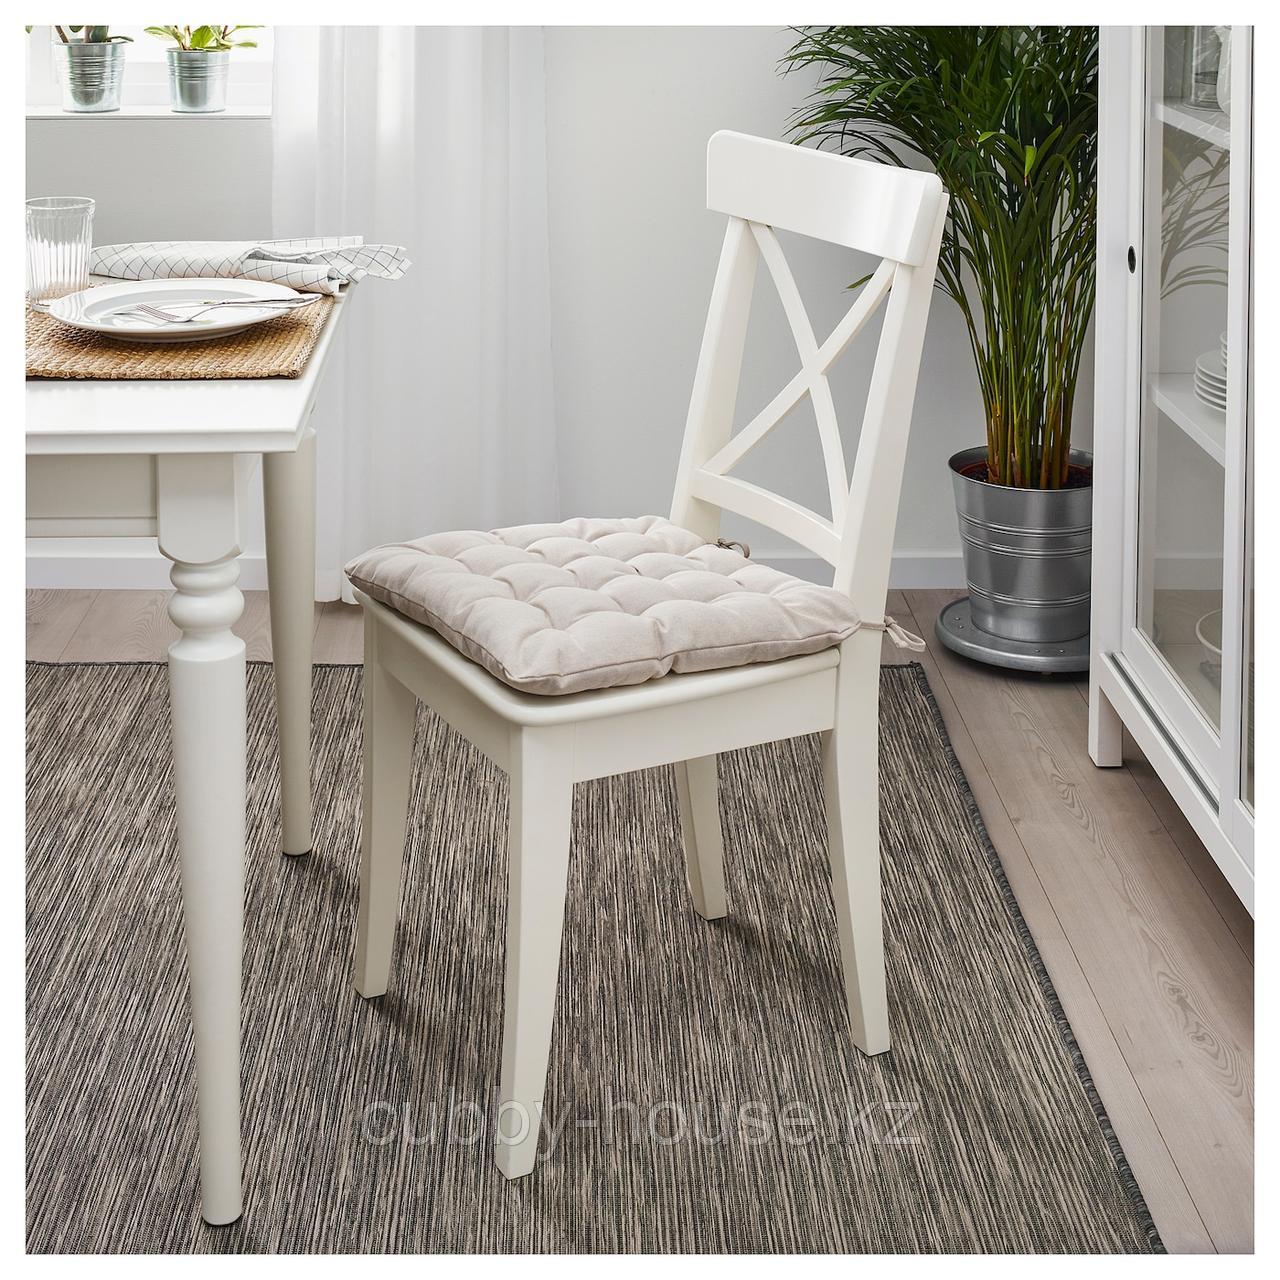 ВИППЭРТ Подушка на стул, бежевый, 38x38x6.5 см - фото 2